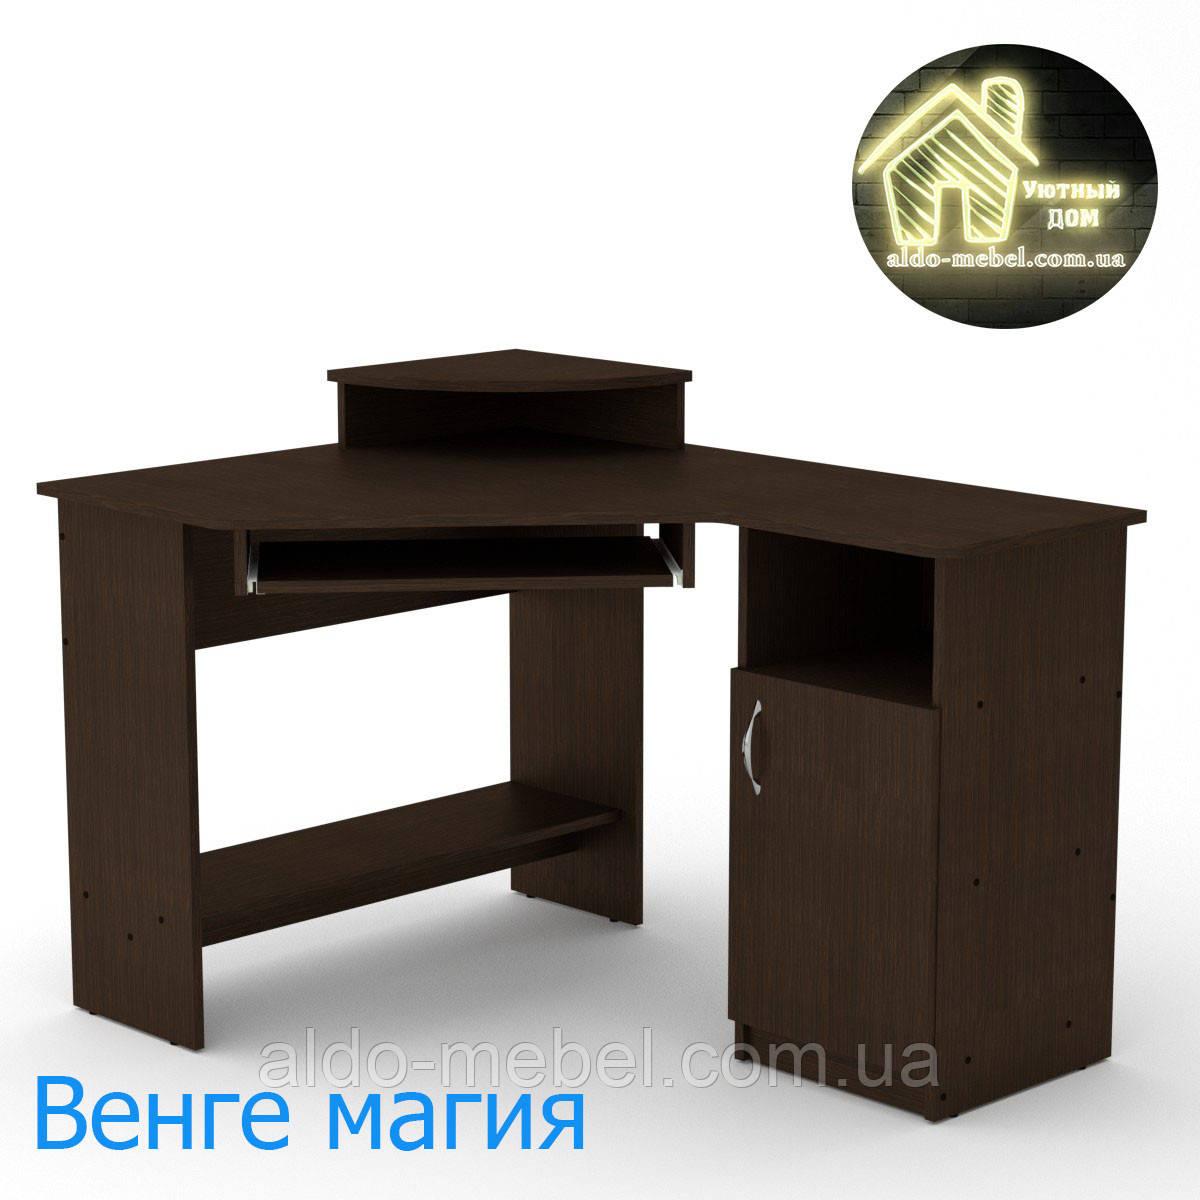 Стол компьютерный СУ - 1 Габариты 1200 мм; В - 749 + 116 мм; Г - 900 мм (Компанит)